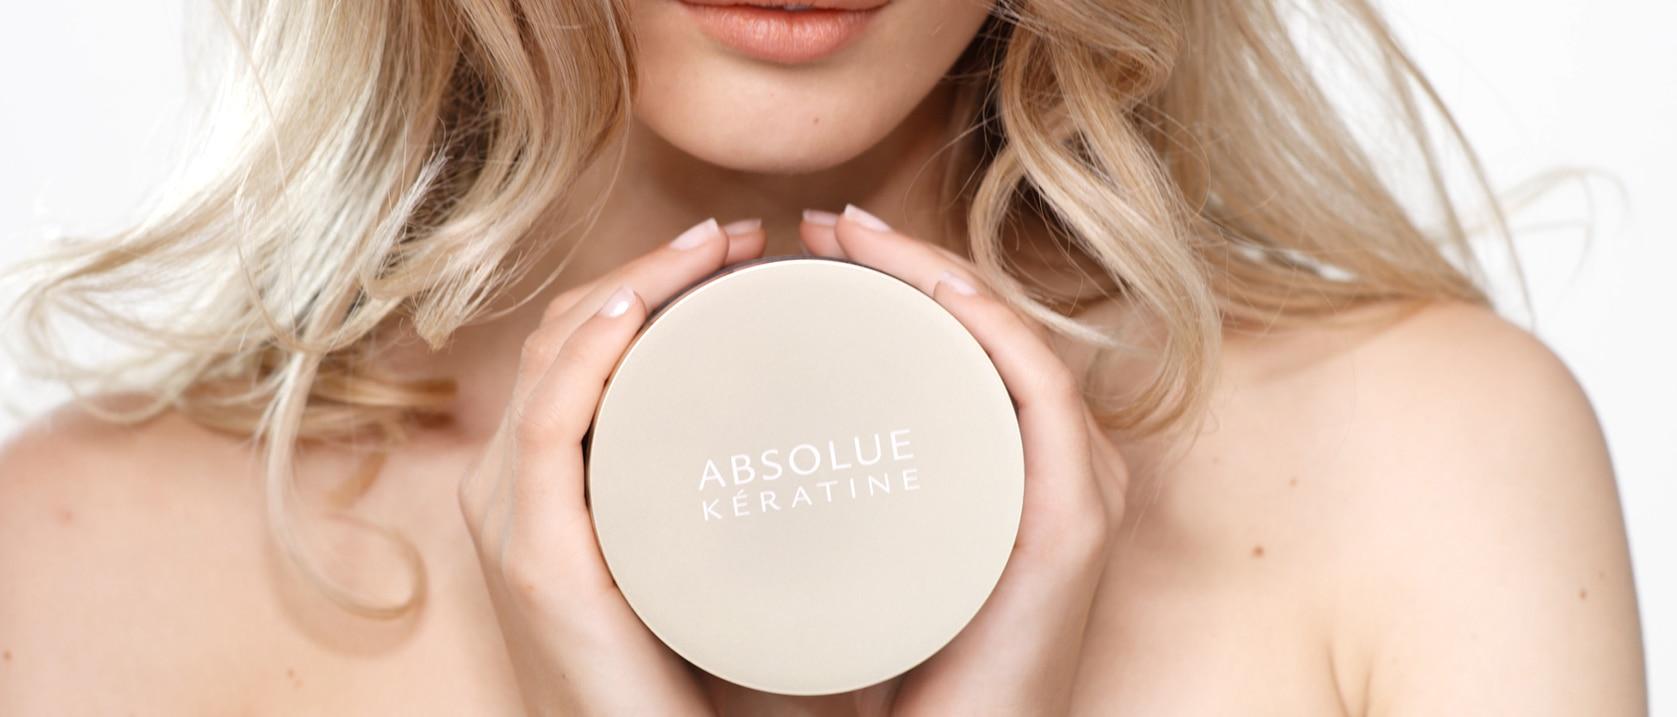 Jak nanášet ABSOLUE KÉRATINE masku pro poškozené vlasy | René Furterer